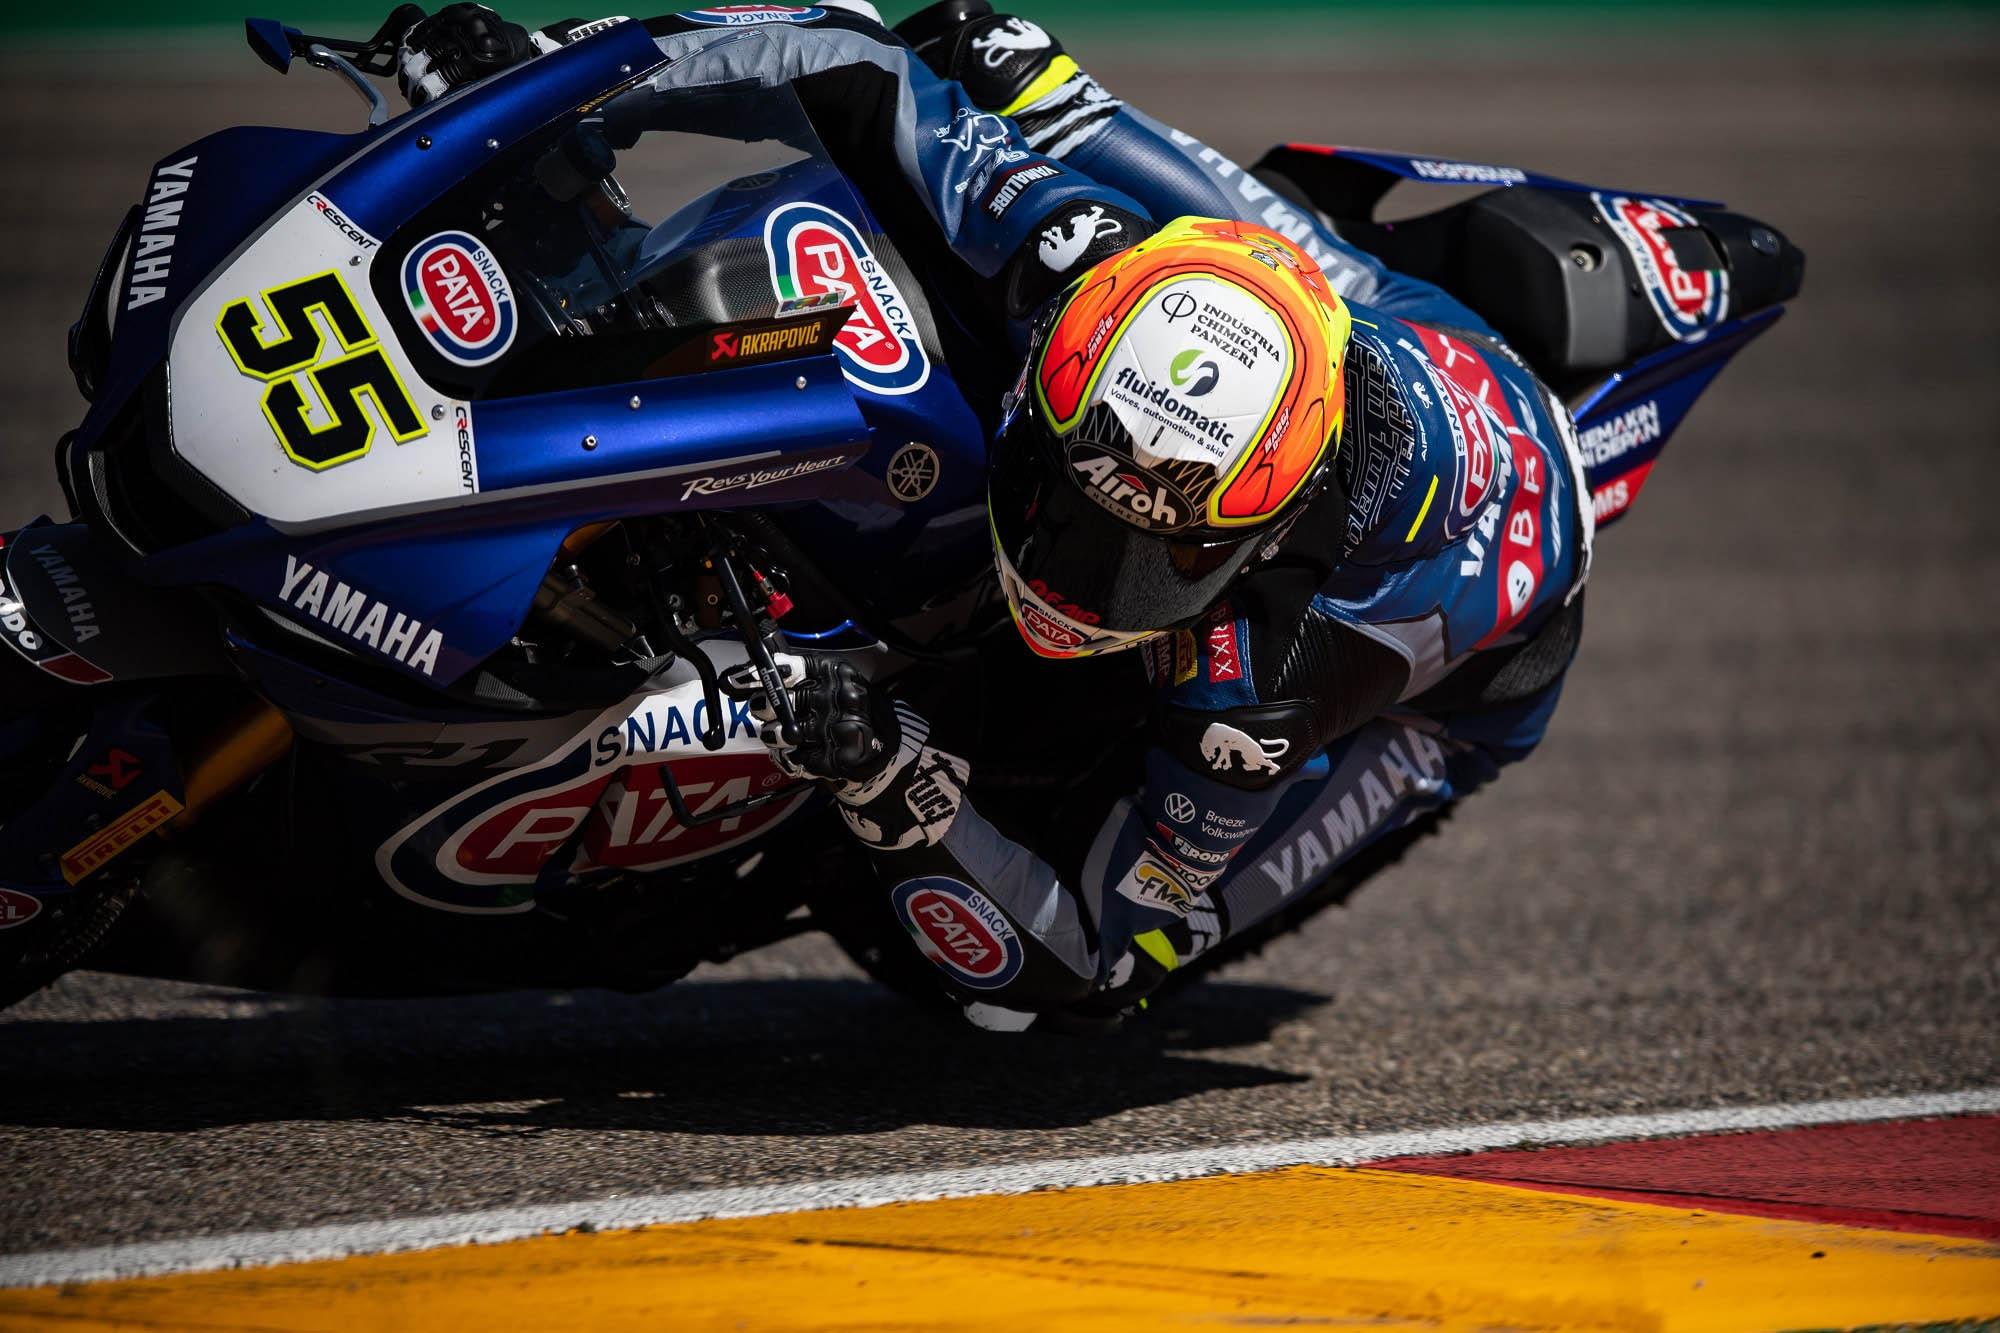 Шлем интегральный AIROH GP550 S гонка MotoGP купить по низкой цене